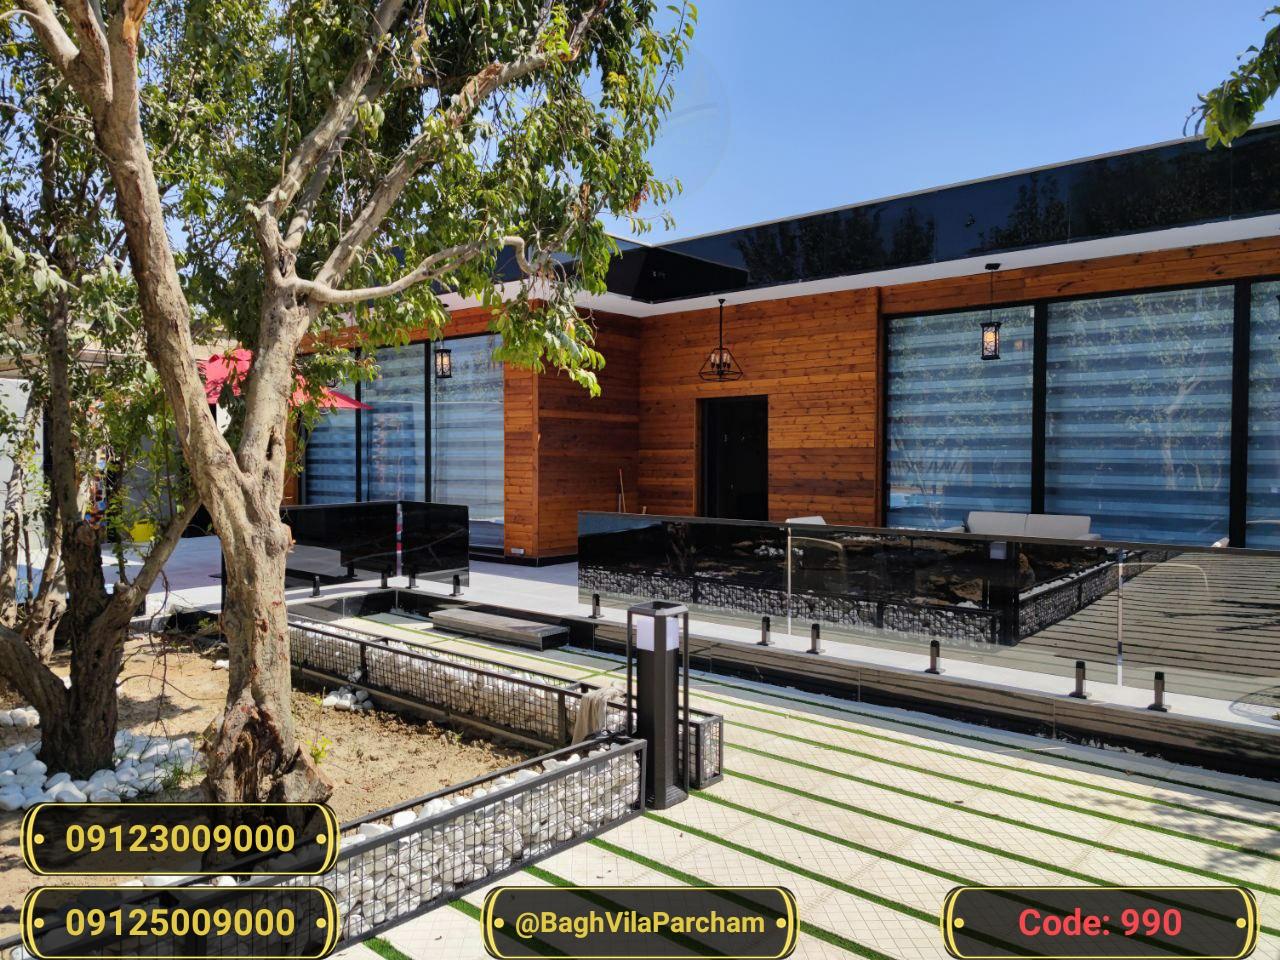 تصویر عکس باغ ویلا شماره 6 از ویلای ۶۰۰  متر ویلا مدرن و شیک Picture photo image 6 of ۶۰۰  متر ویلا مدرن و شیک